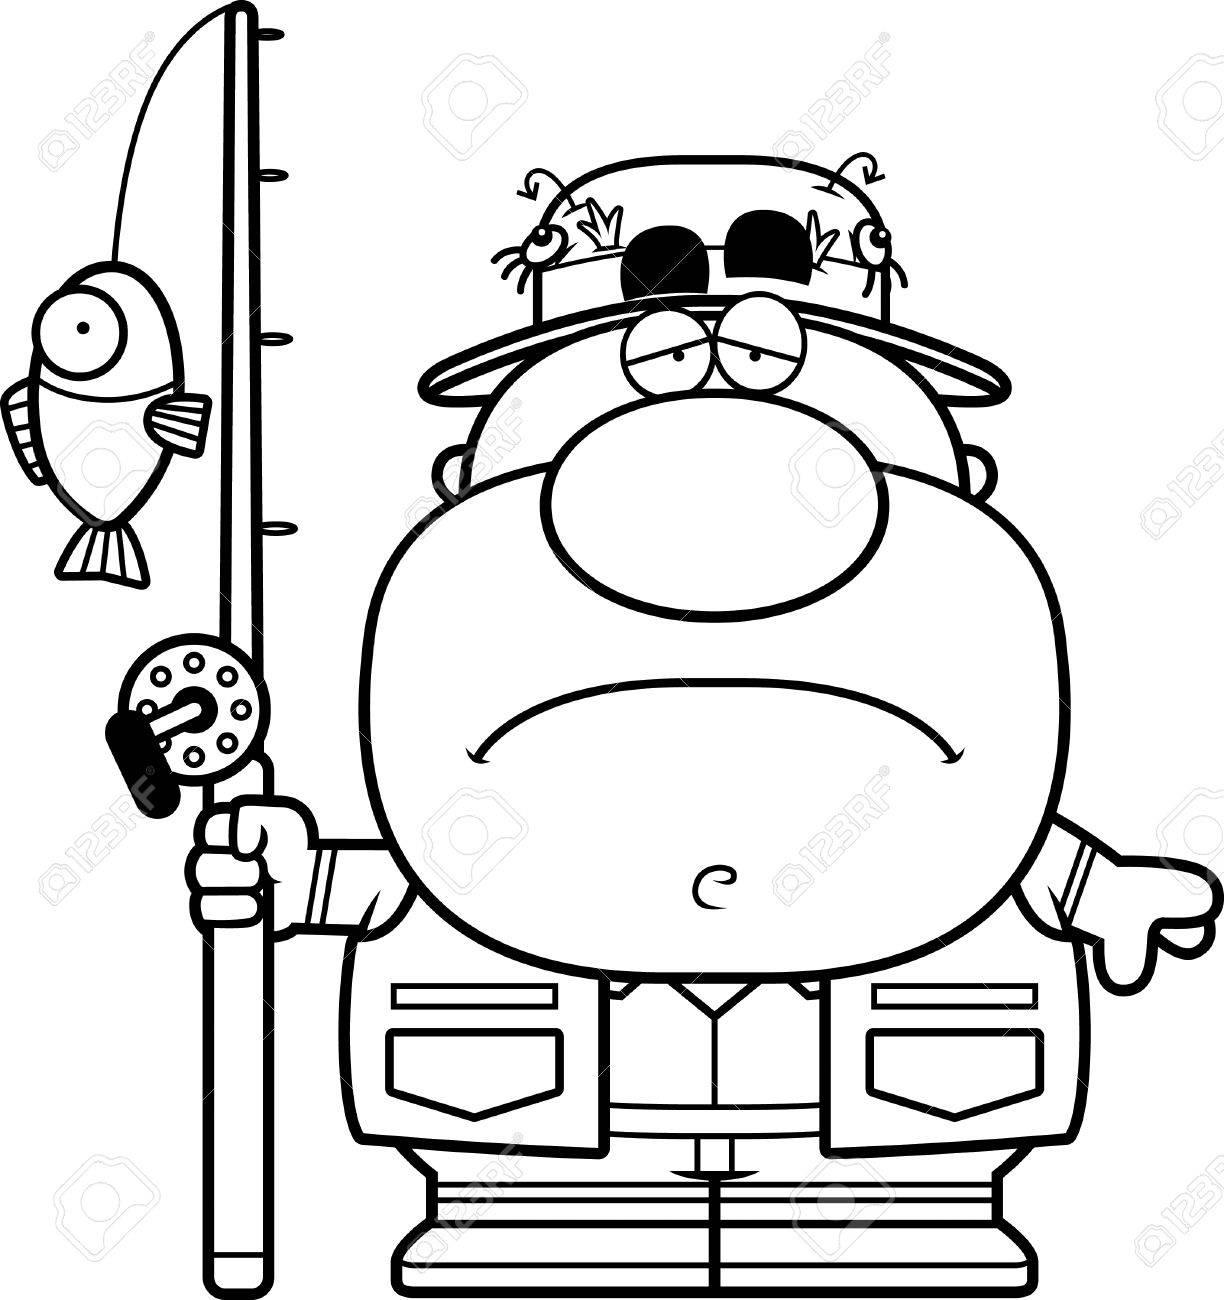 悲しい表情で漁師の漫画イラストのイラスト素材ベクタ Image 44473889